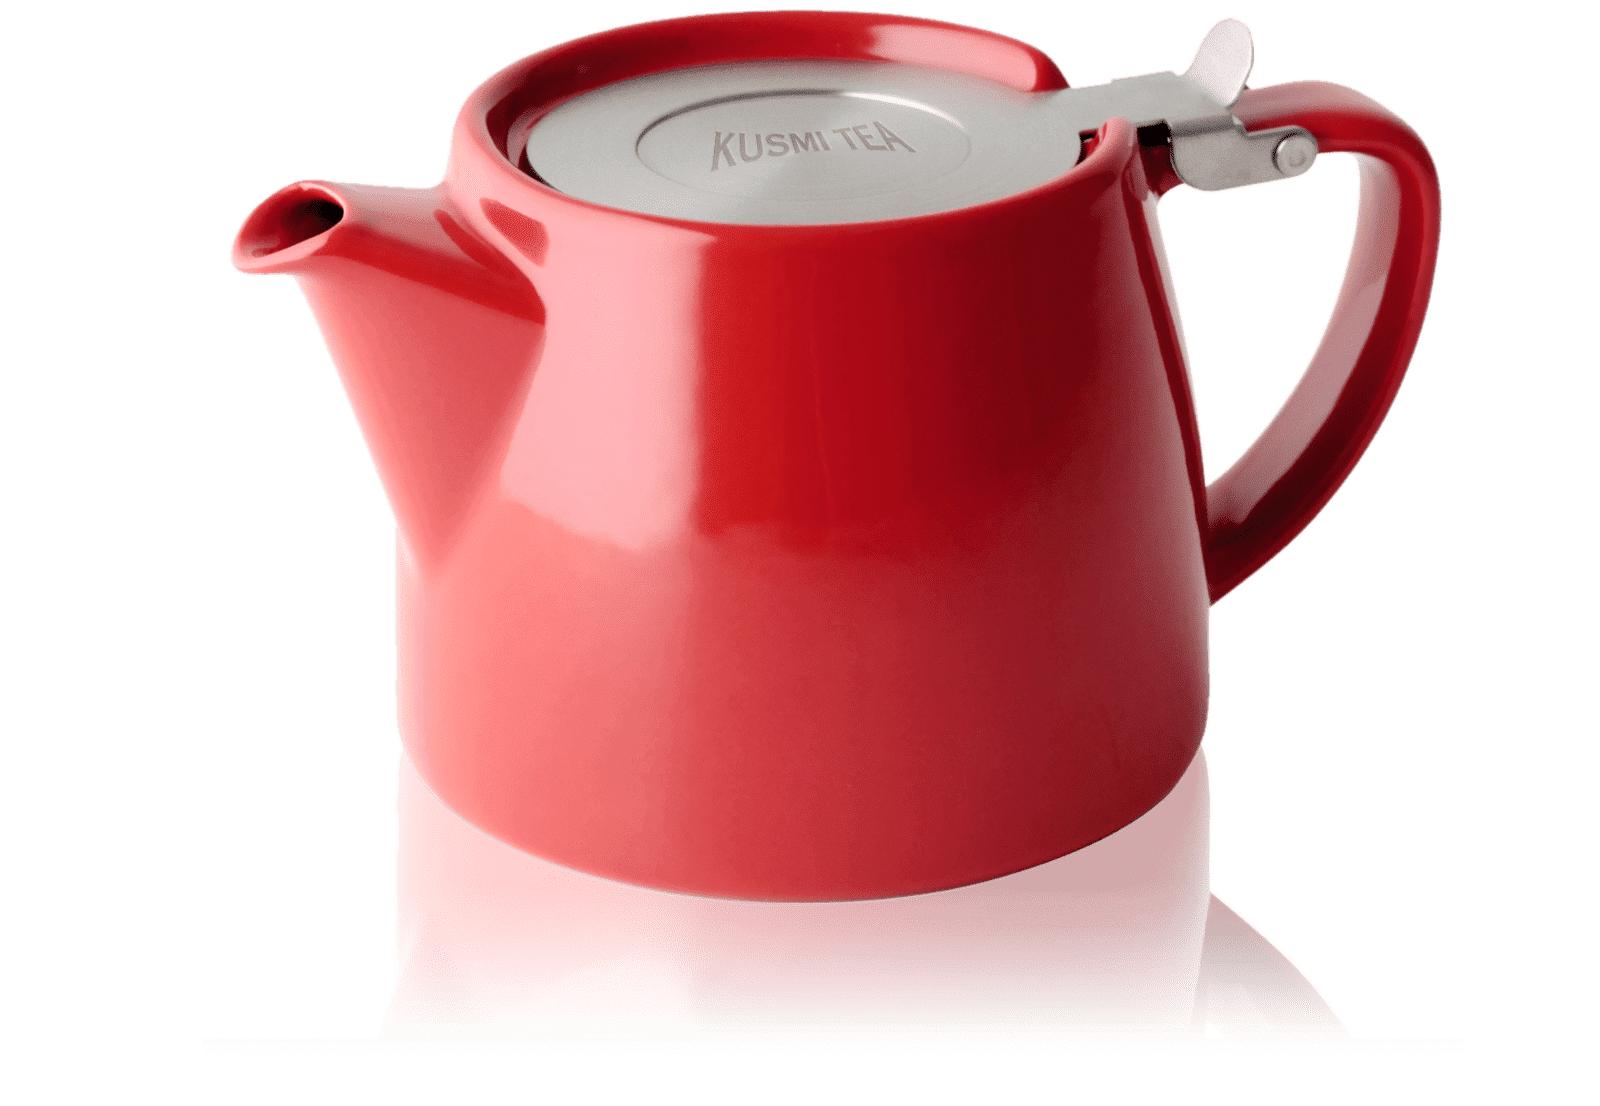 KUSMI TEA Théière Stump Kusmi 0,40L - Accessoire pour le thé - Kusmi Tea